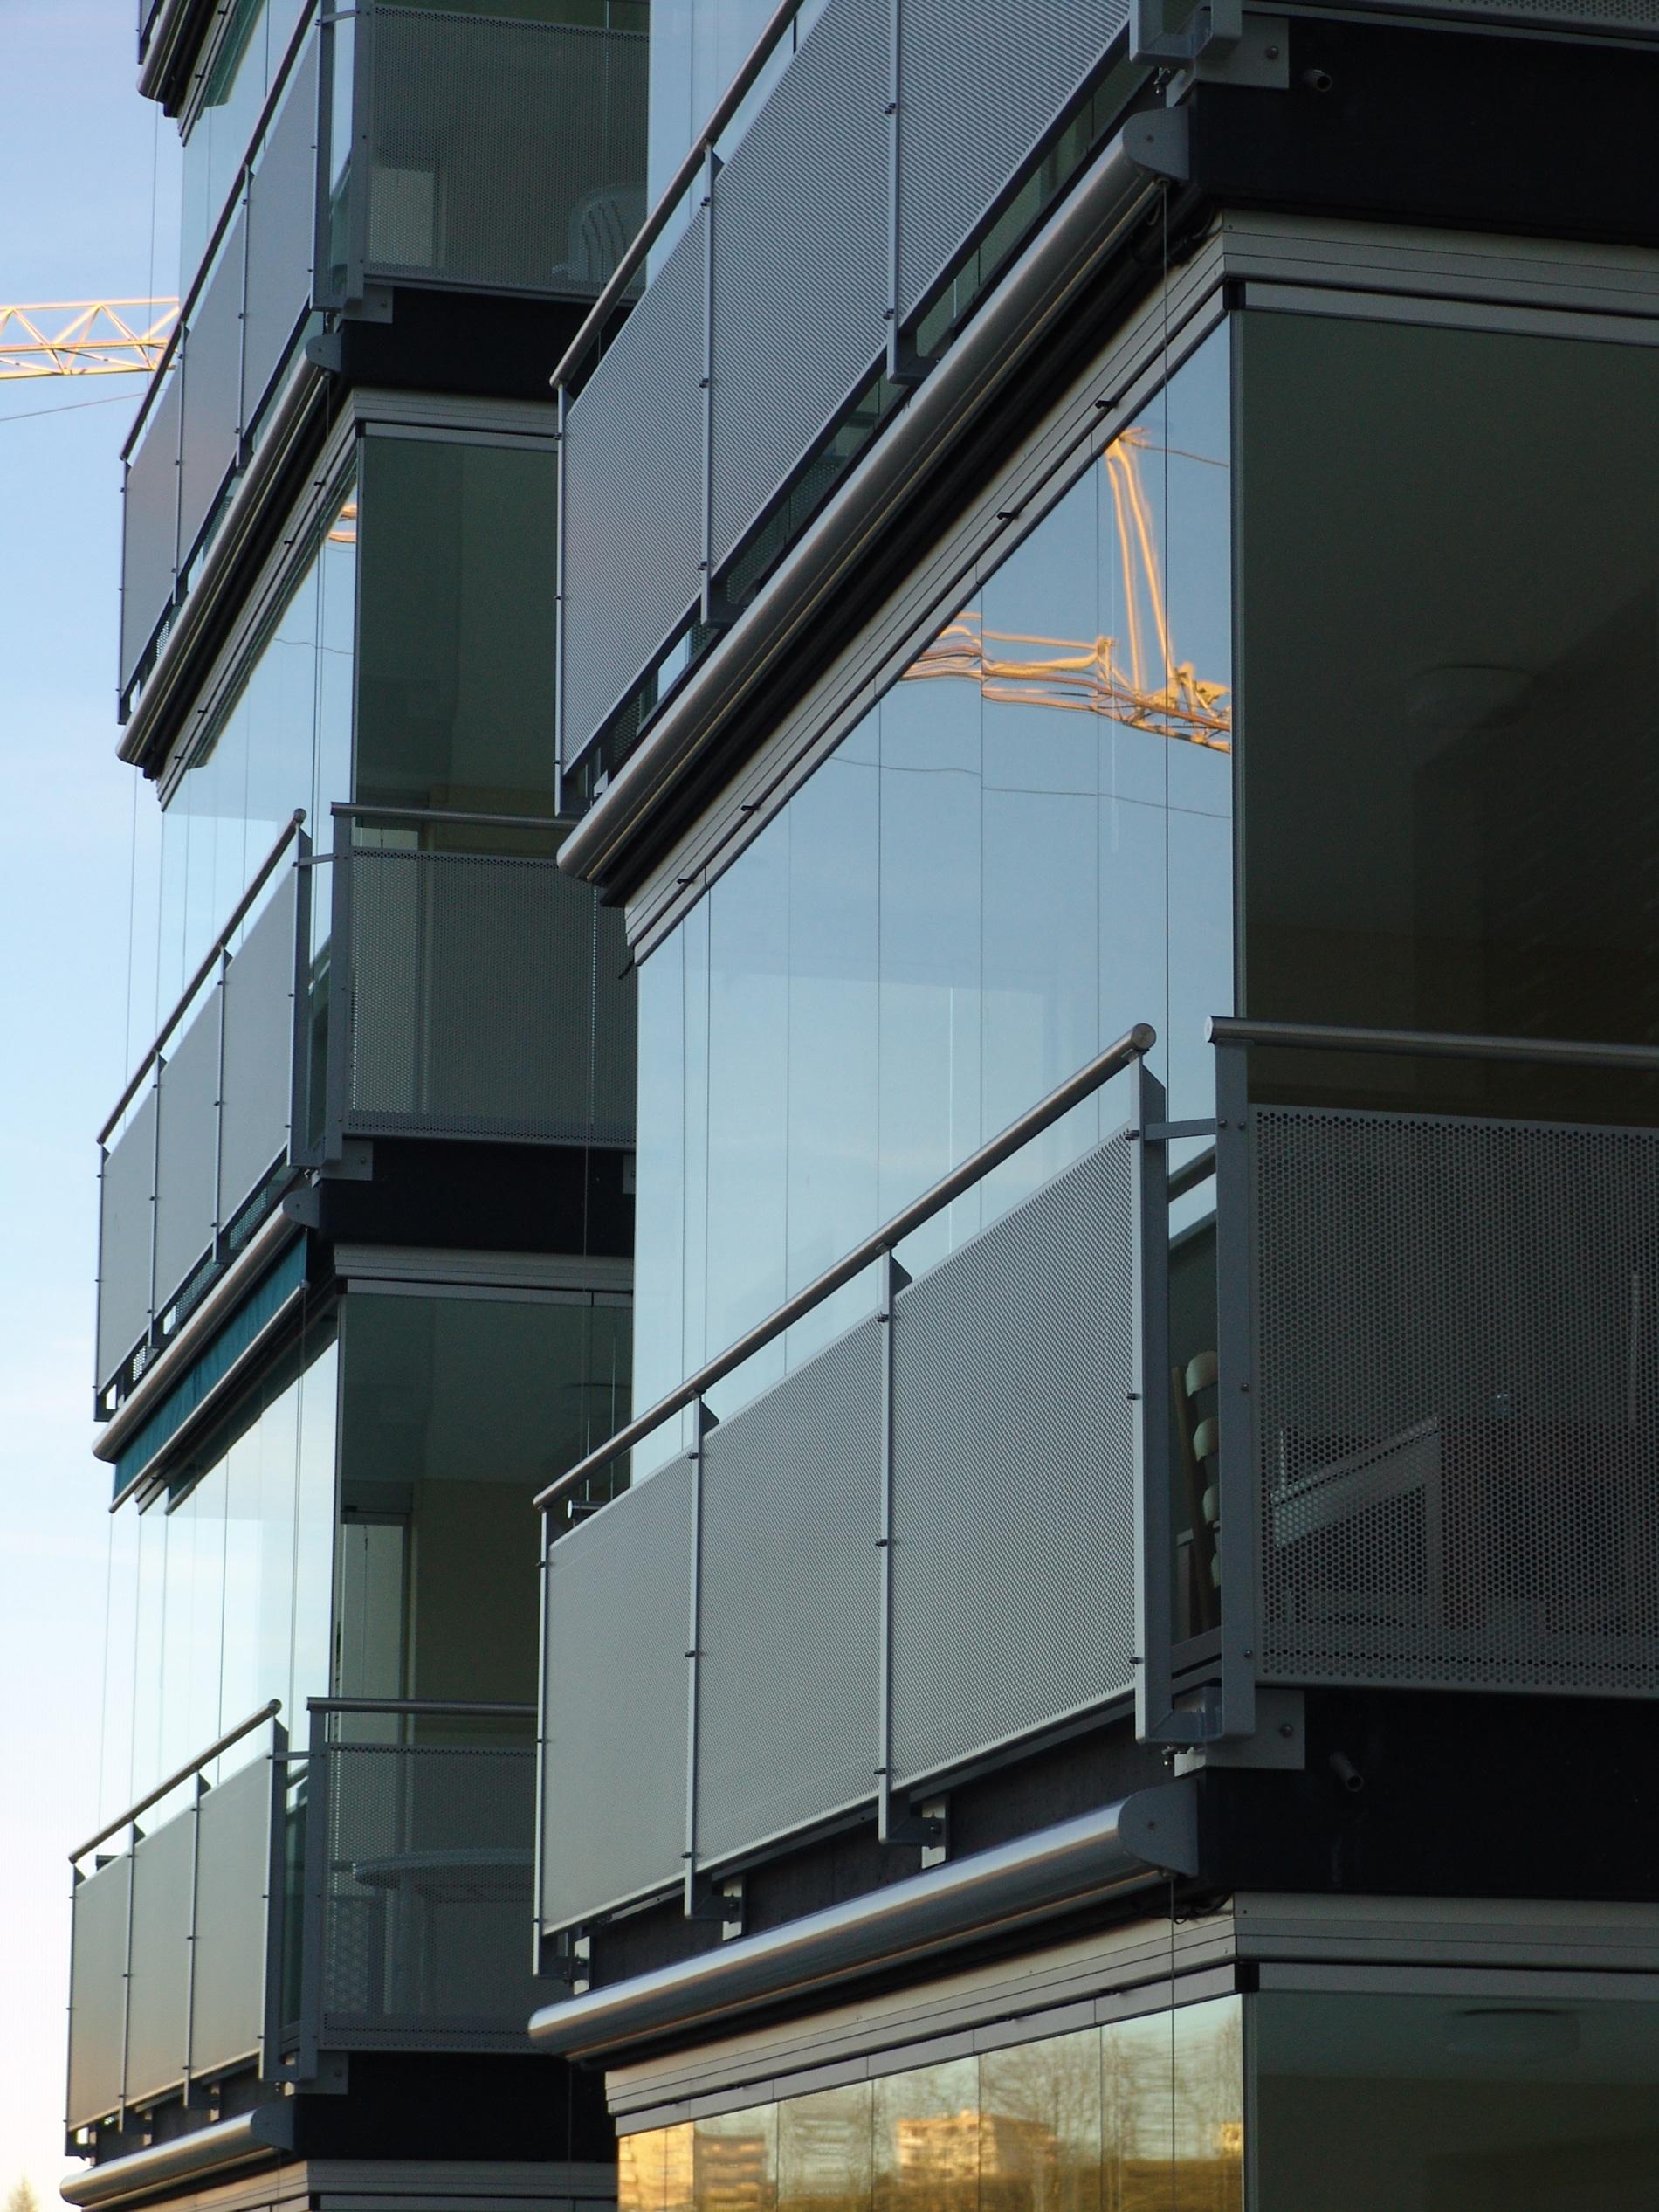 Balkon mit Glasverkleidung zum Schieben